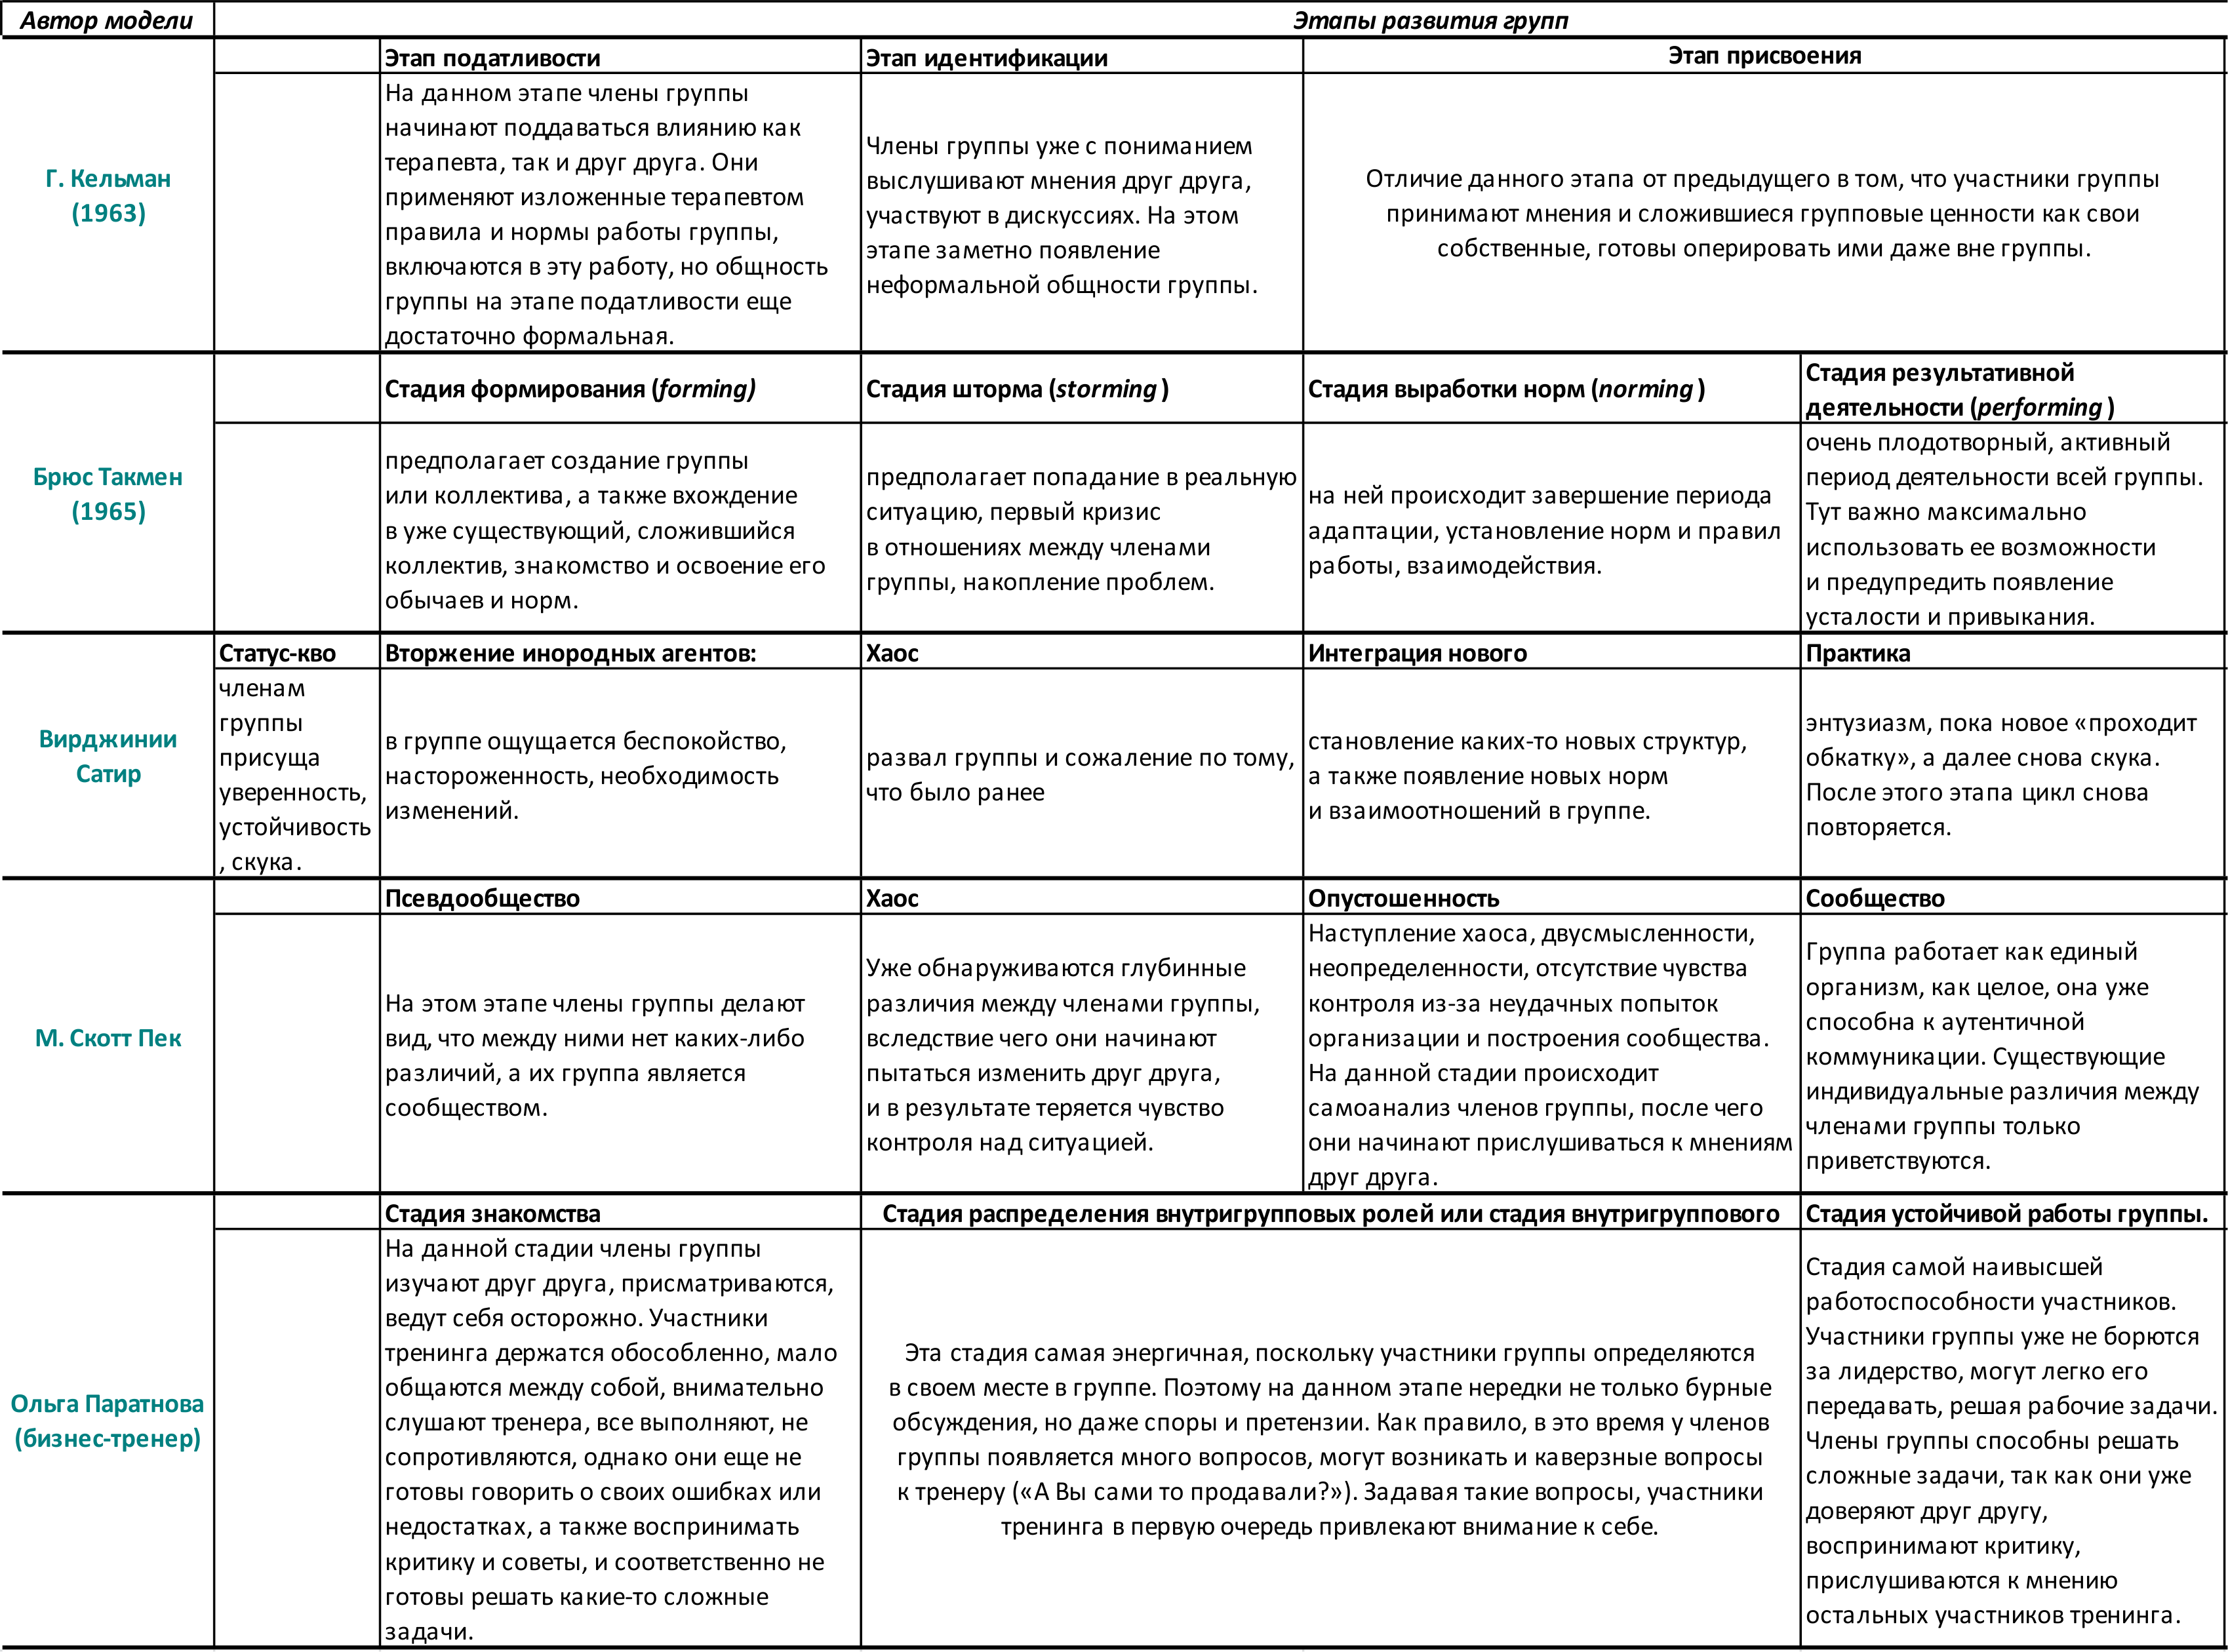 Этапы развития групп_модели